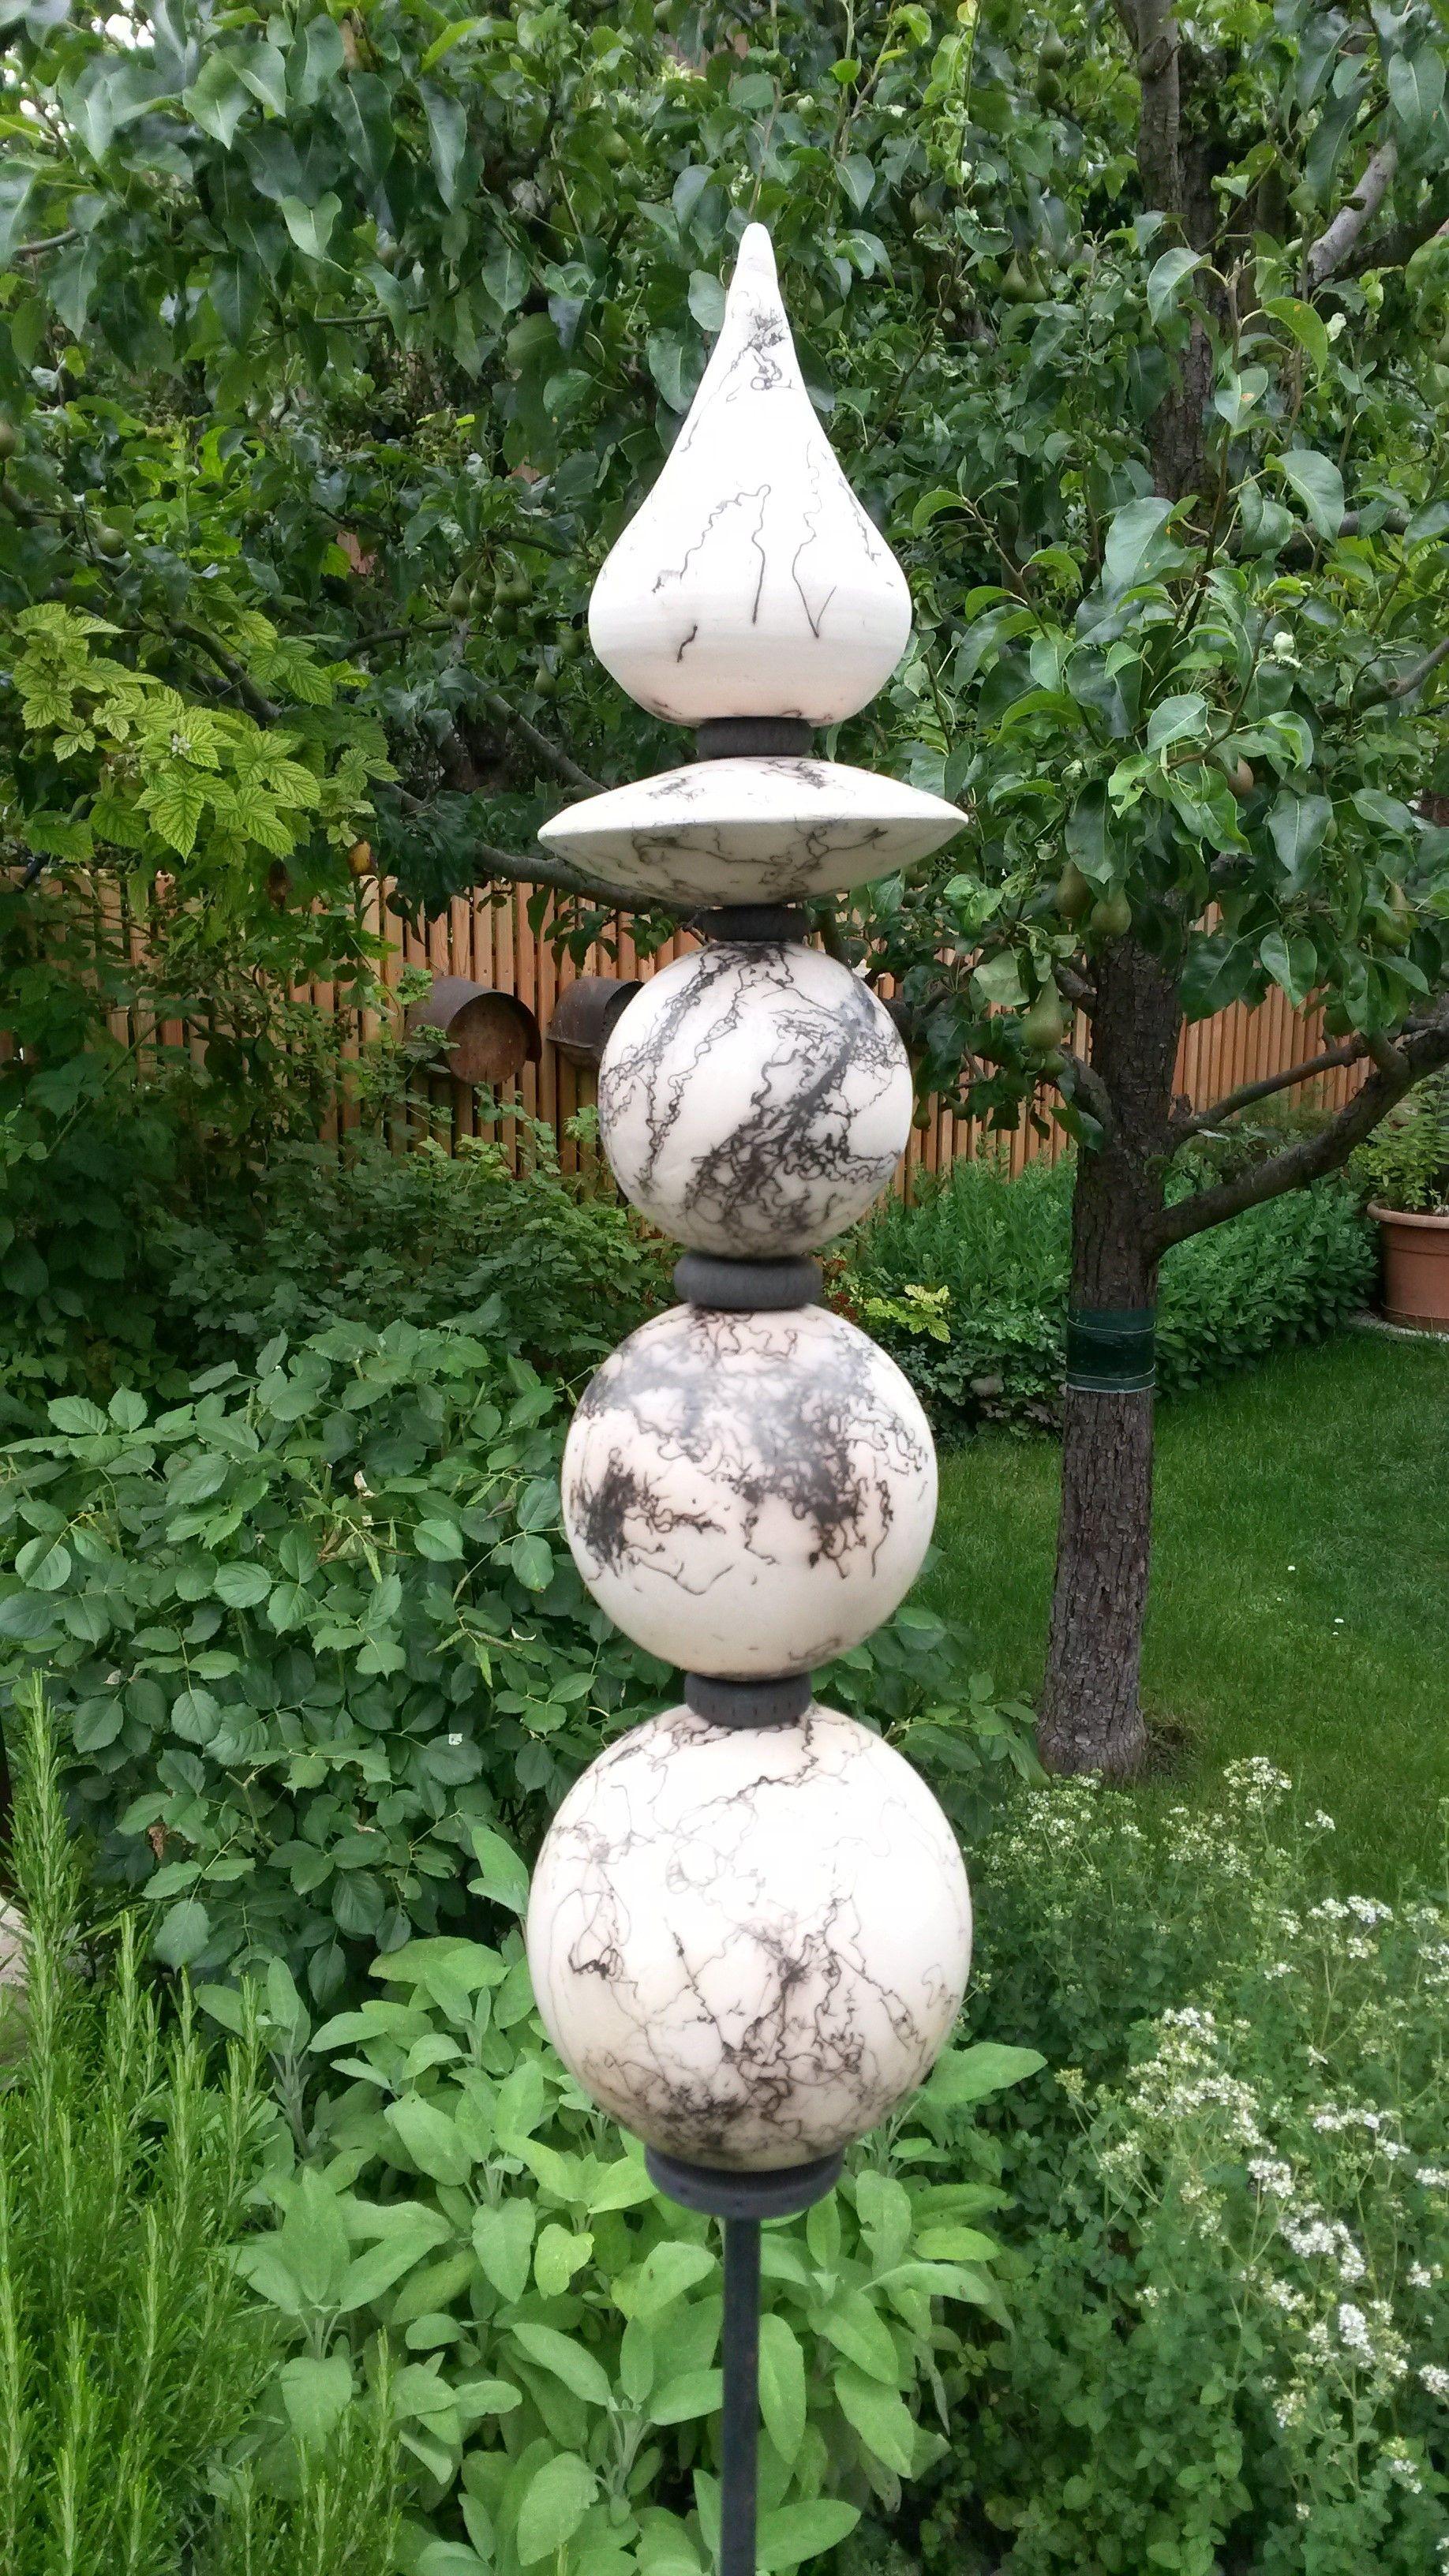 Pferdehaartechnik Mosaik Gartenkunst Gartenskulptur Gartenskulpturen